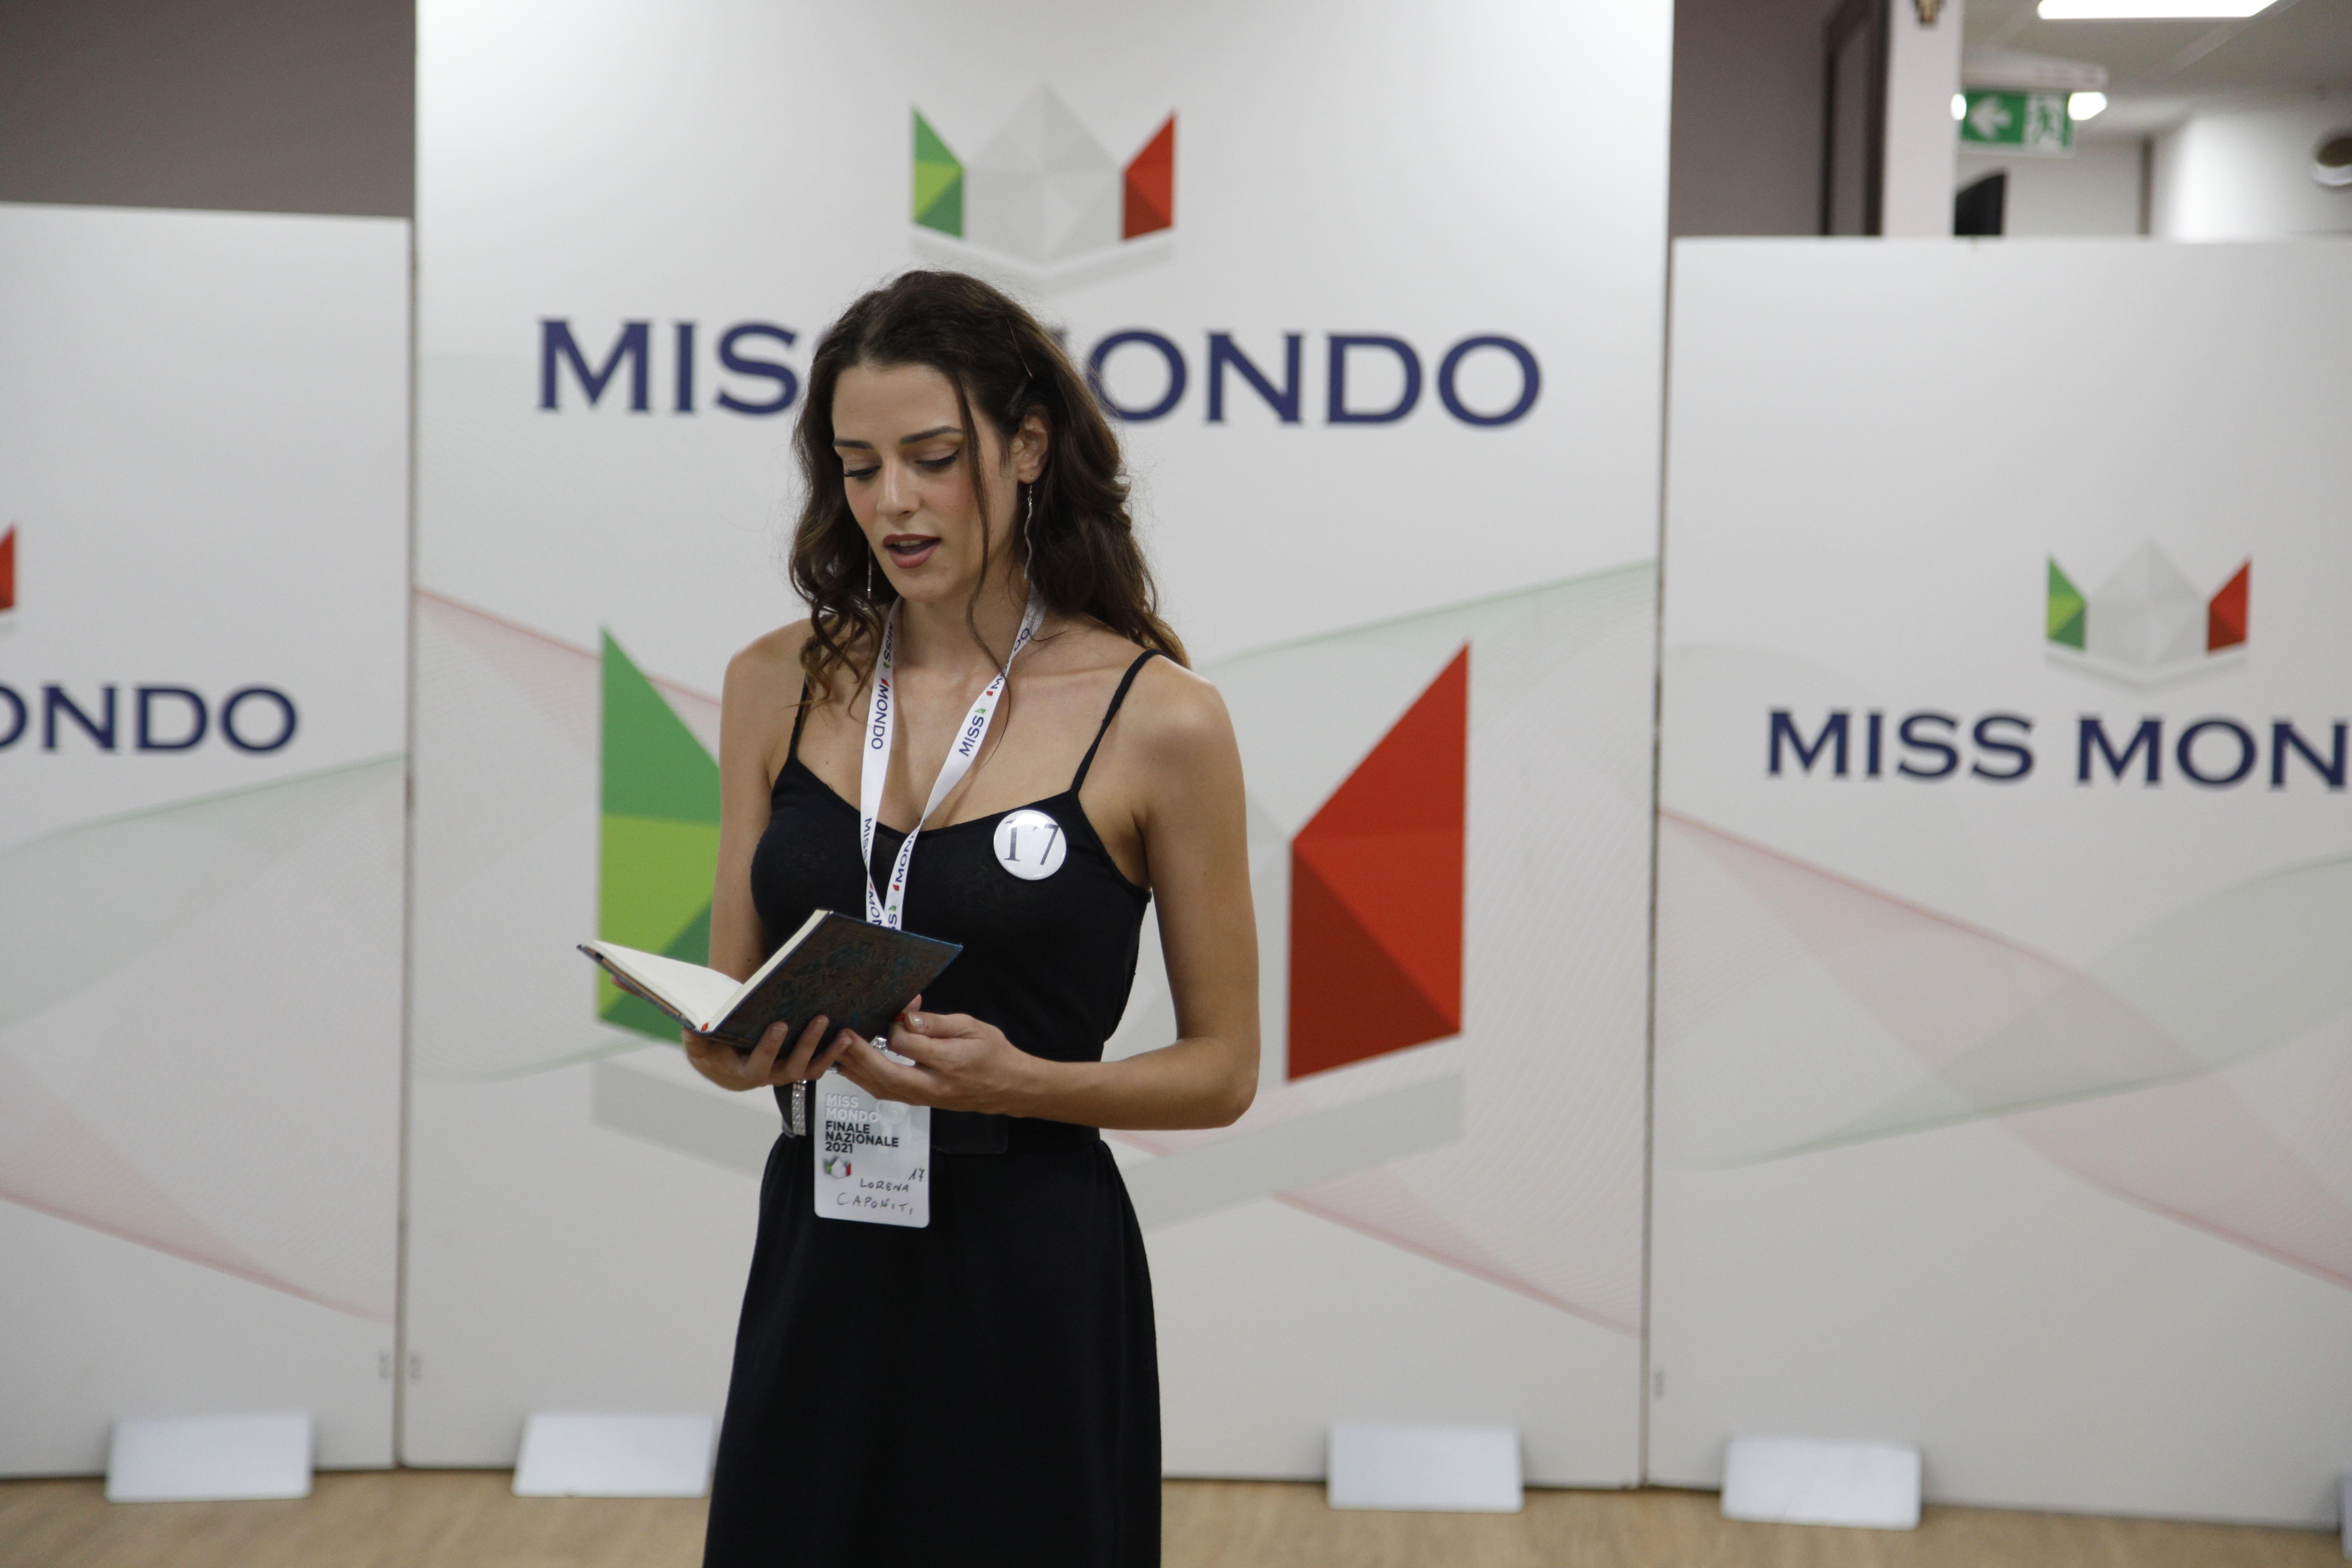 Finale nazione Miss Mondo Italia 2021 Audizione Talent 1 - 22